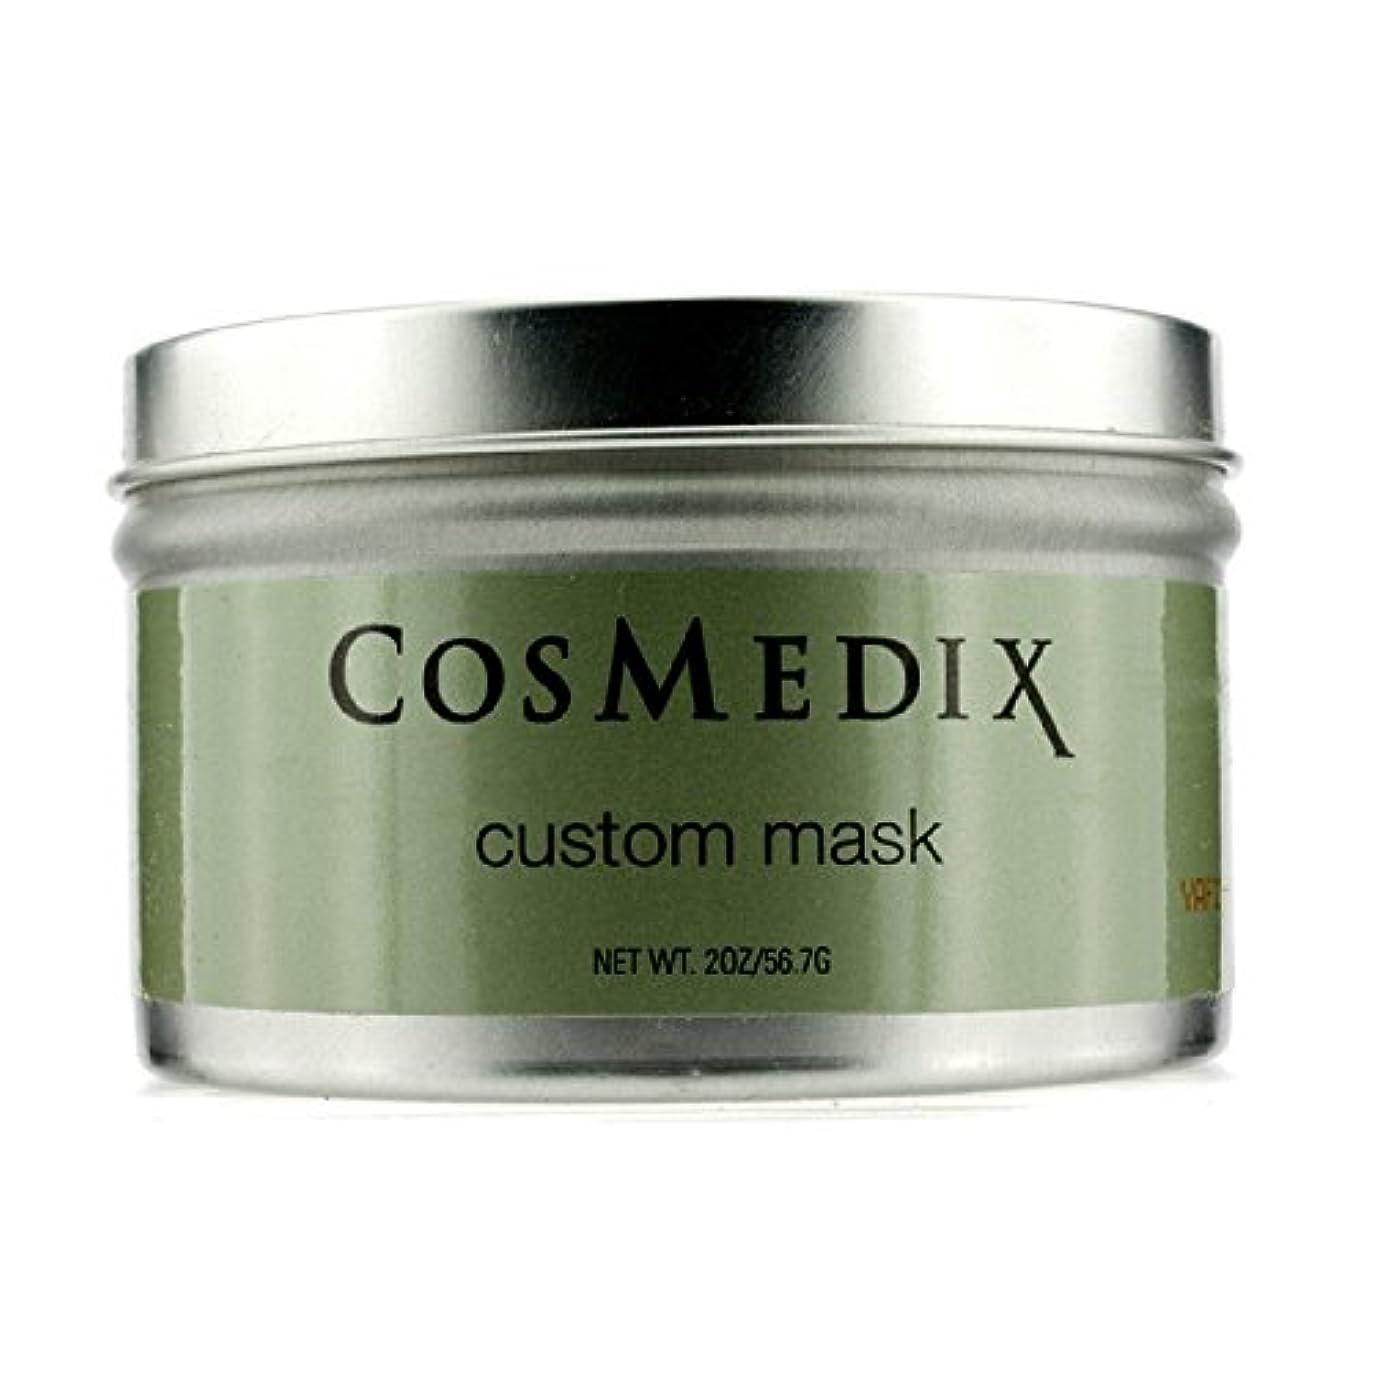 可決強大な無能コスメディックス カスタムマスク (サロン製品) 56.7g/2oz並行輸入品